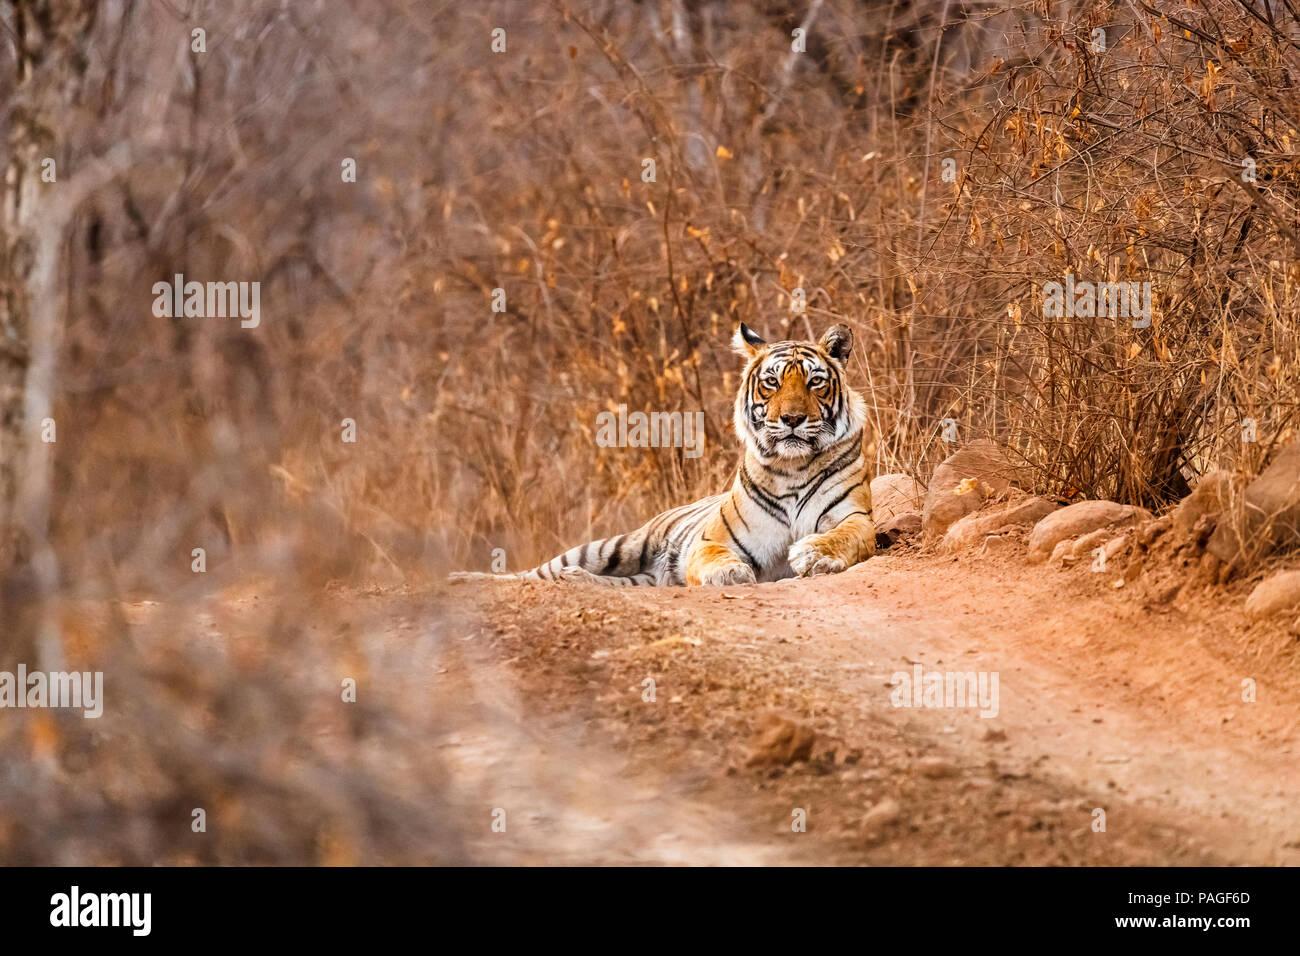 Indische Wildnis: weiblichen Bengal Tiger (Panthera tigris) liegen auf einer staubigen, Ranthambore Nationalpark, Rajasthan, Nordindien, trockene Jahreszeit Stockbild